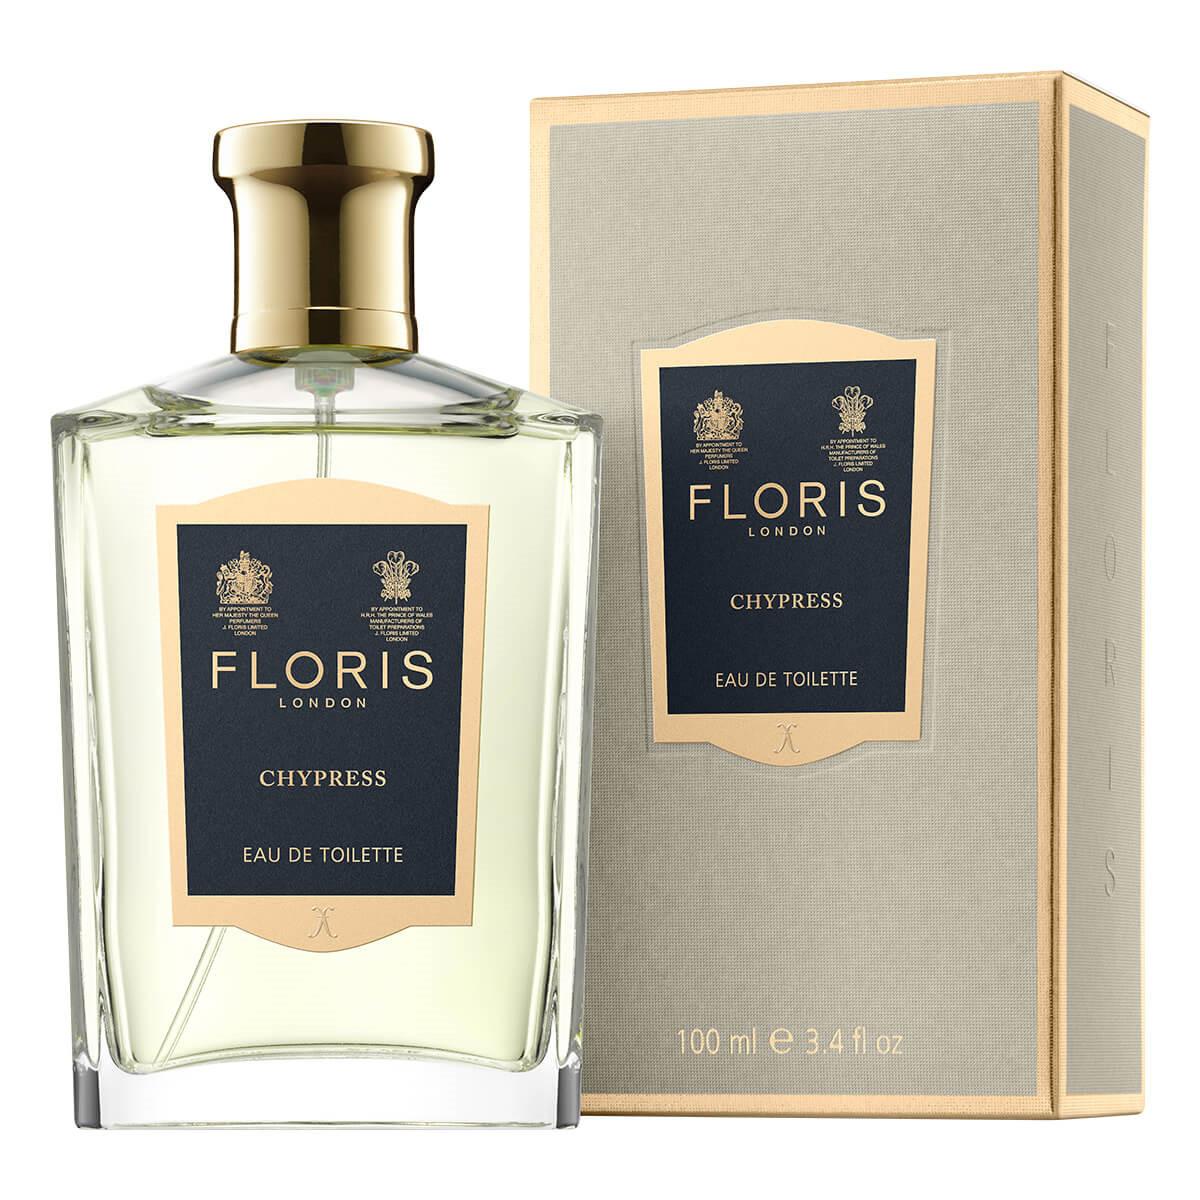 Floris Chypress, Eau de Toilette, 100 ml.